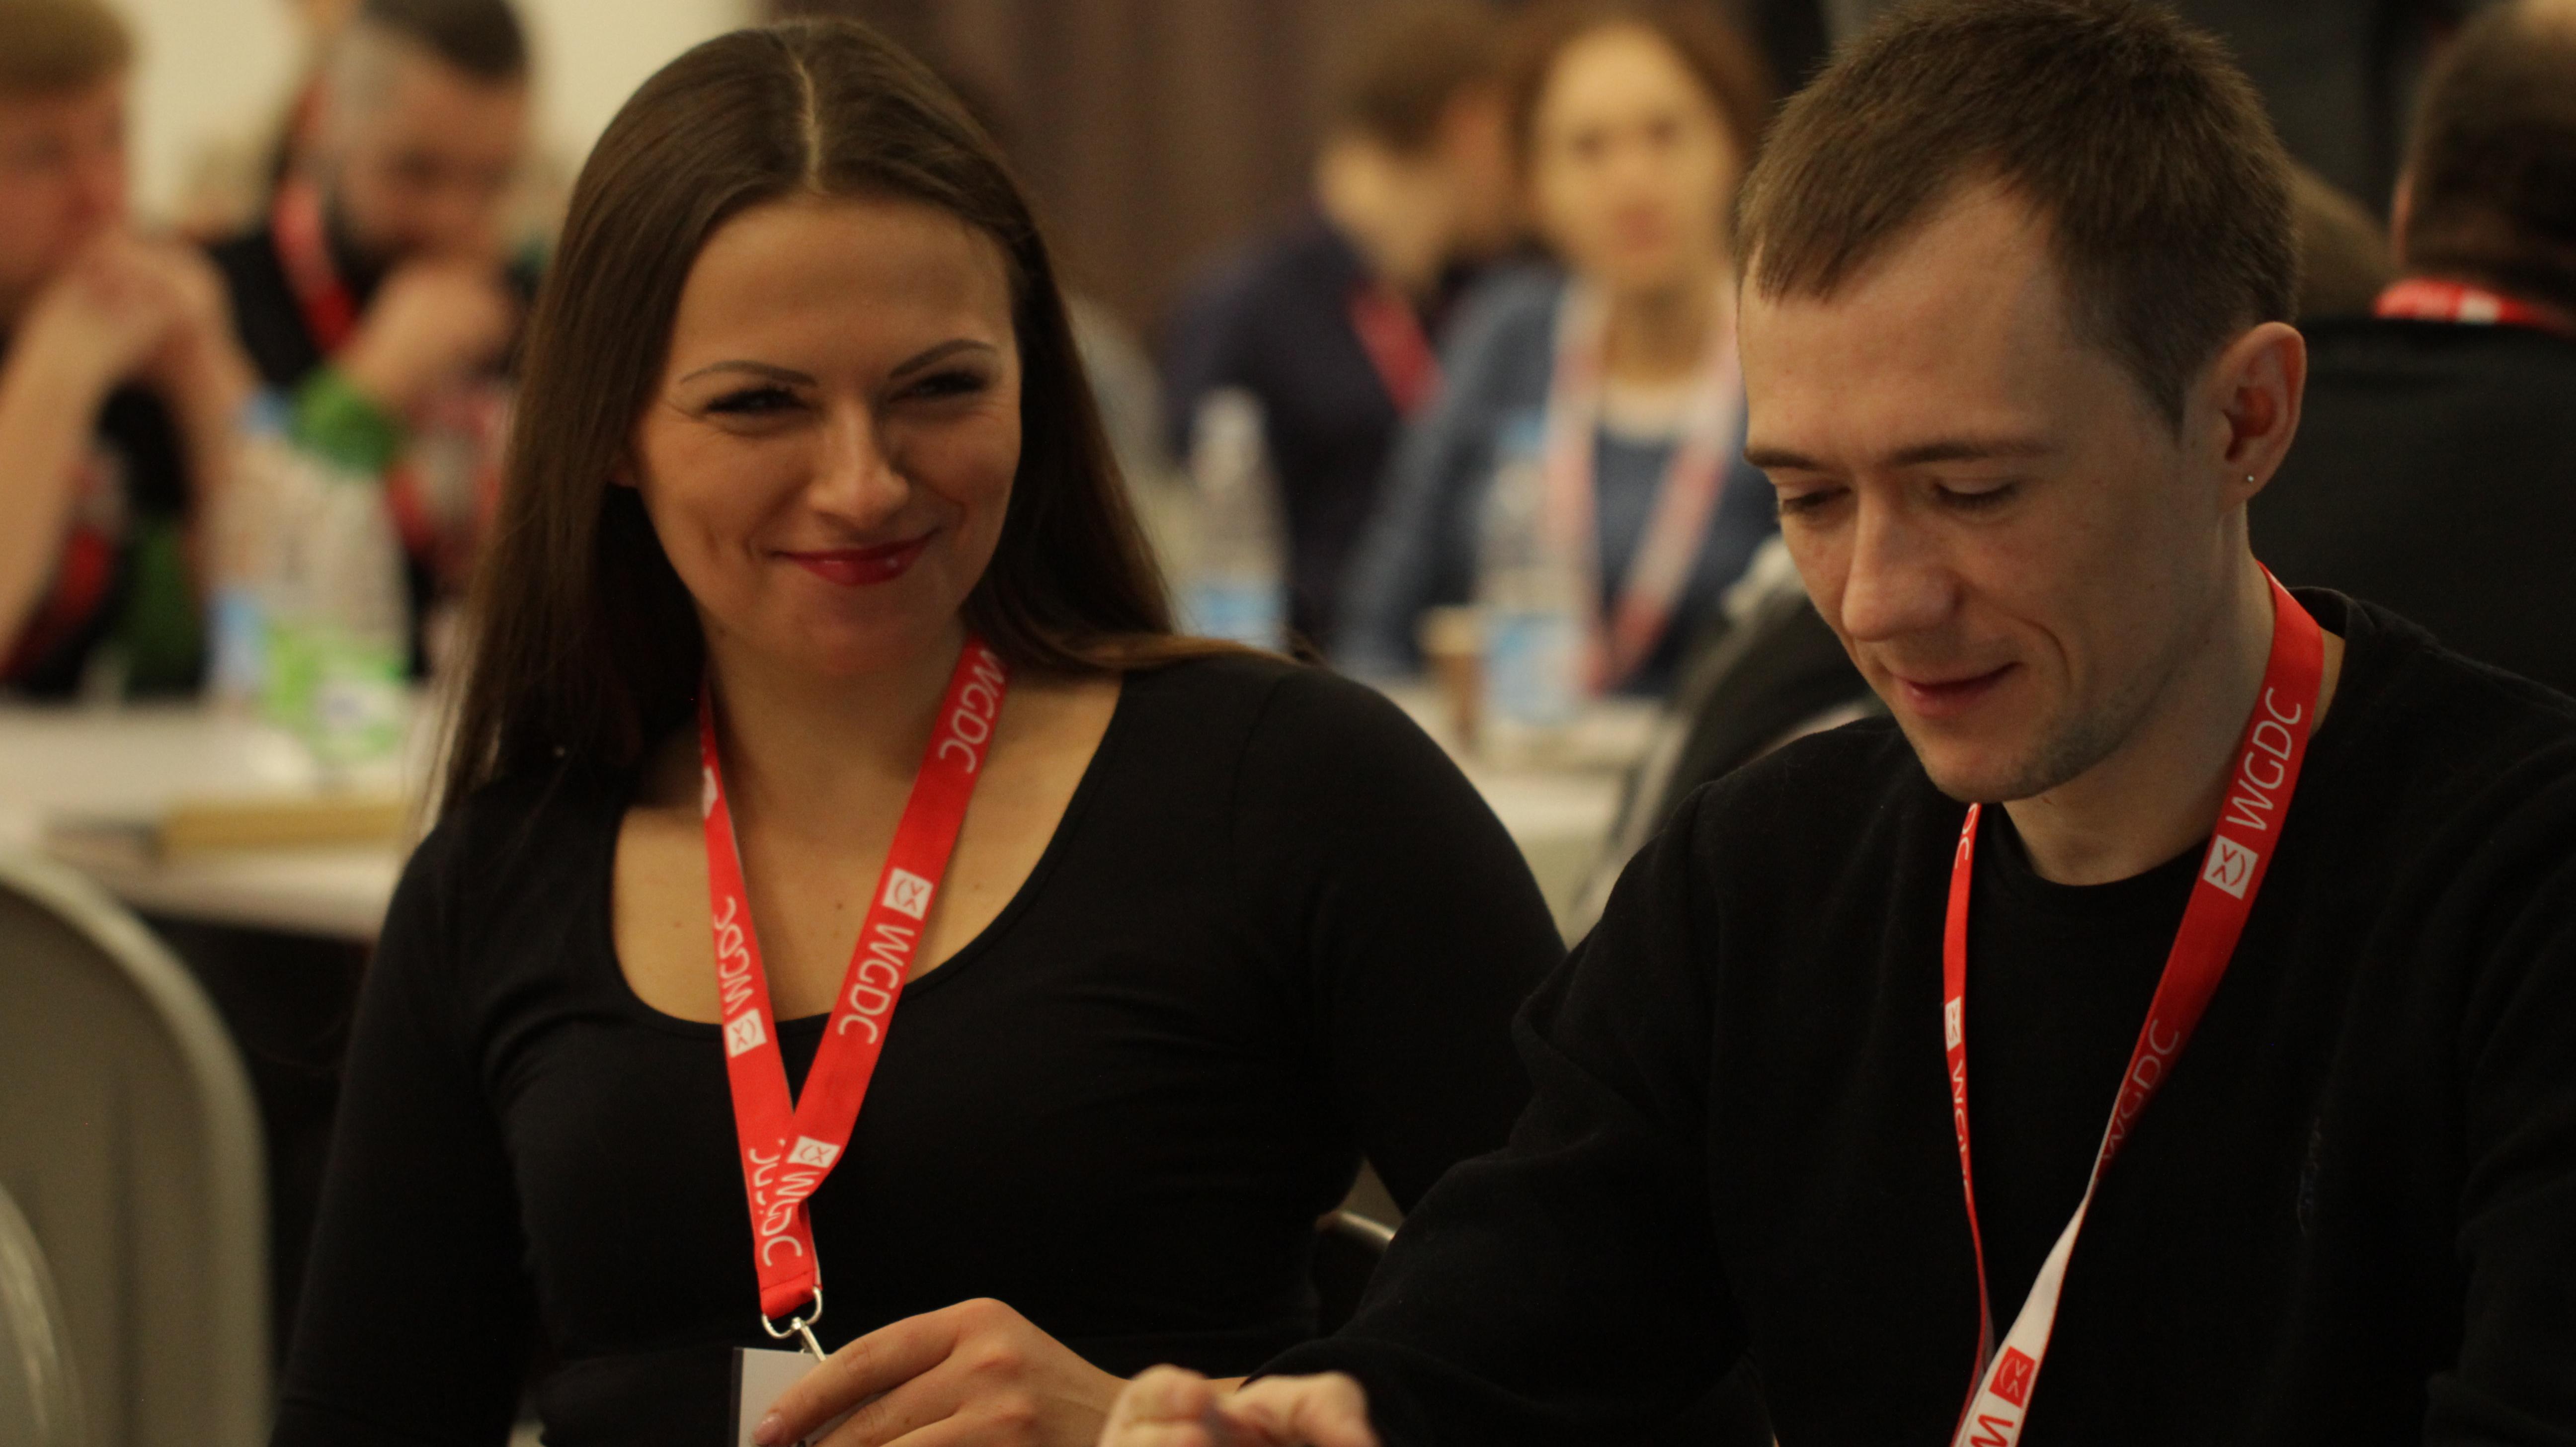 WGN_Photos_WGDC_Conference_Image_21